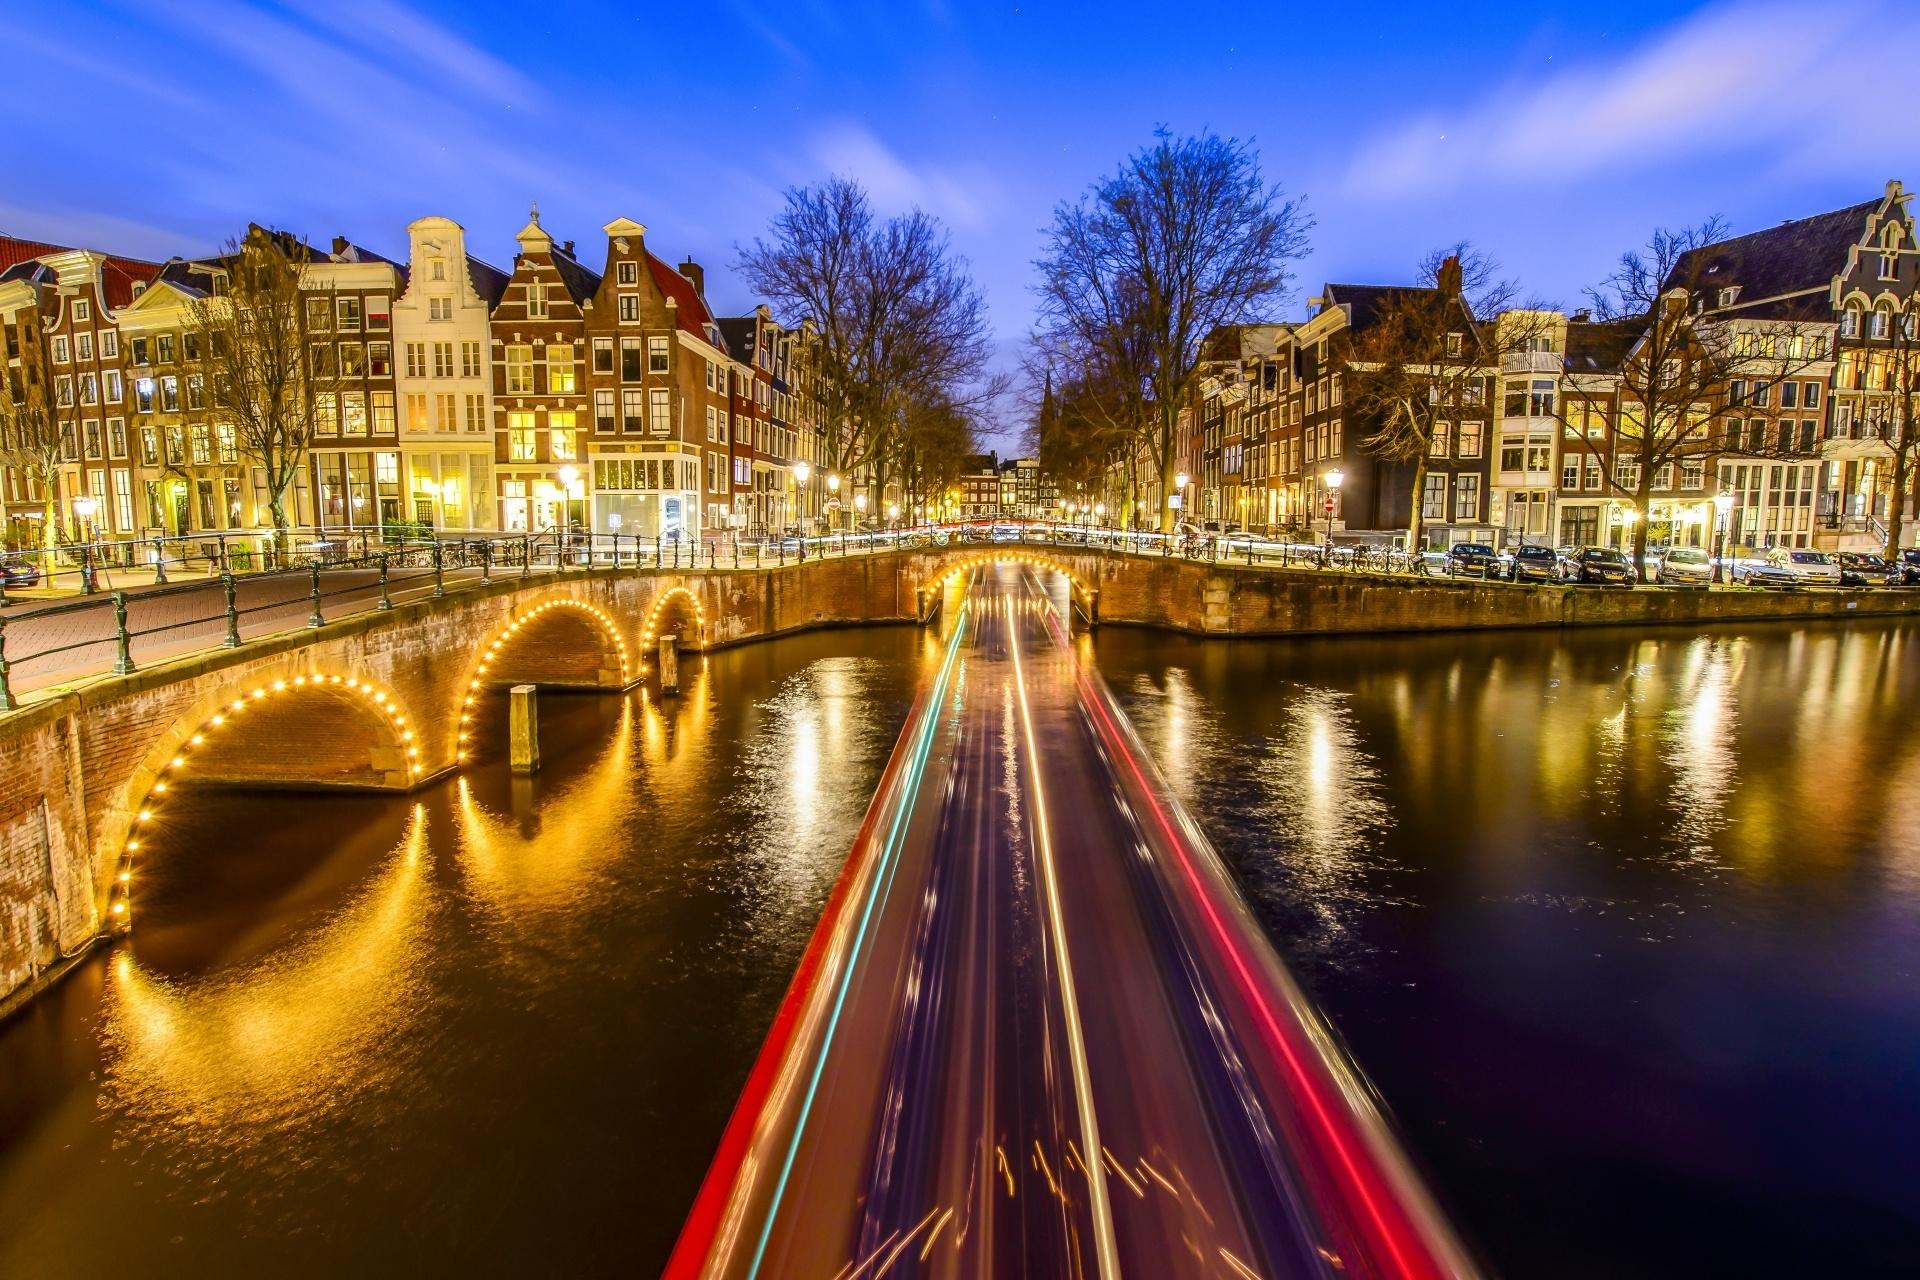 トワイライトタイムのアムステルダムの風景 オランダの風景